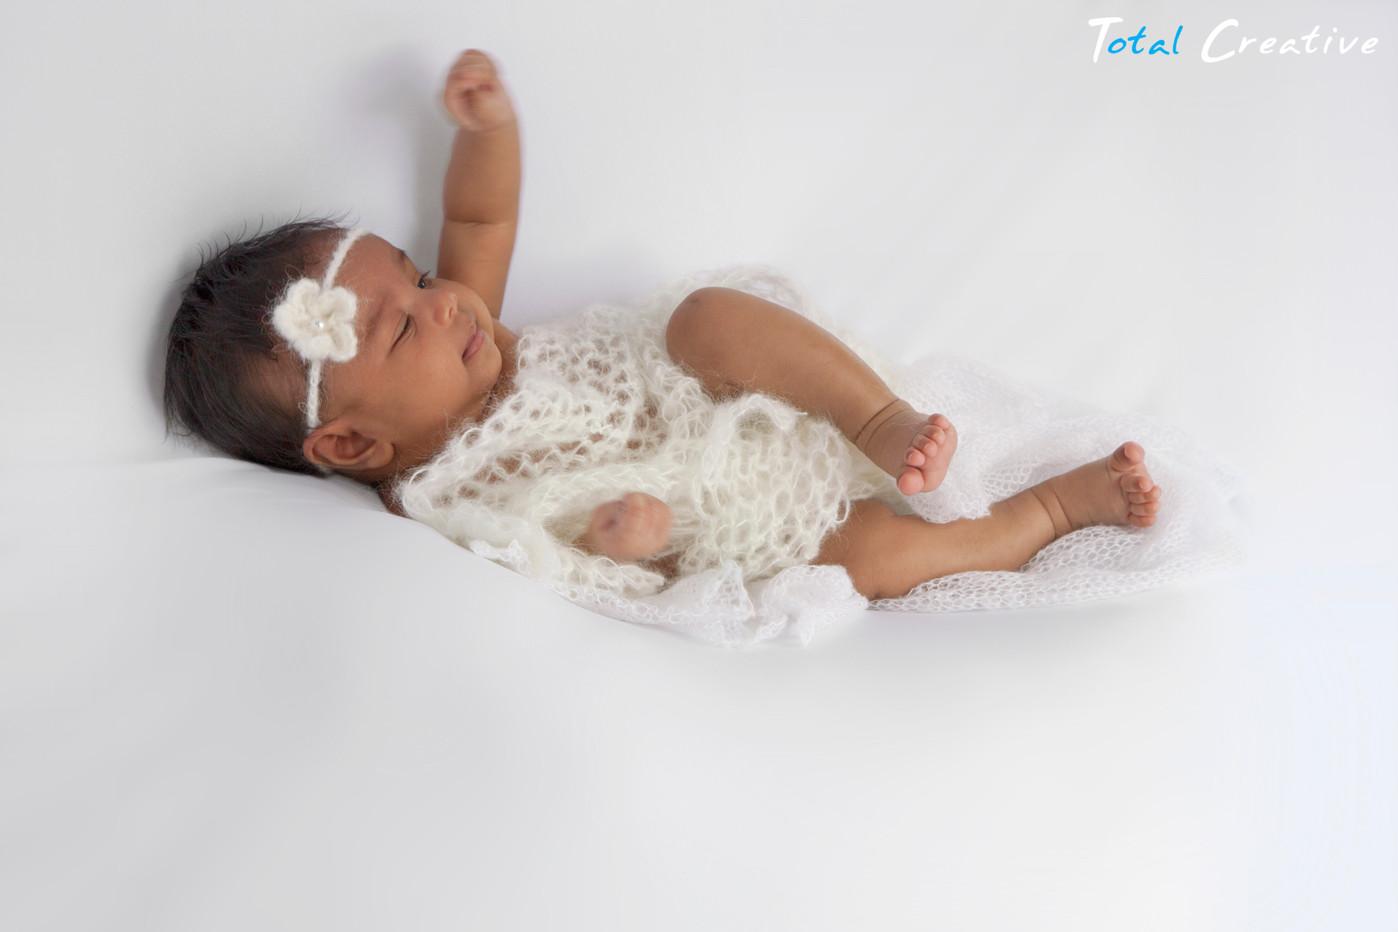 NewbornBabyPhotographerAuckland